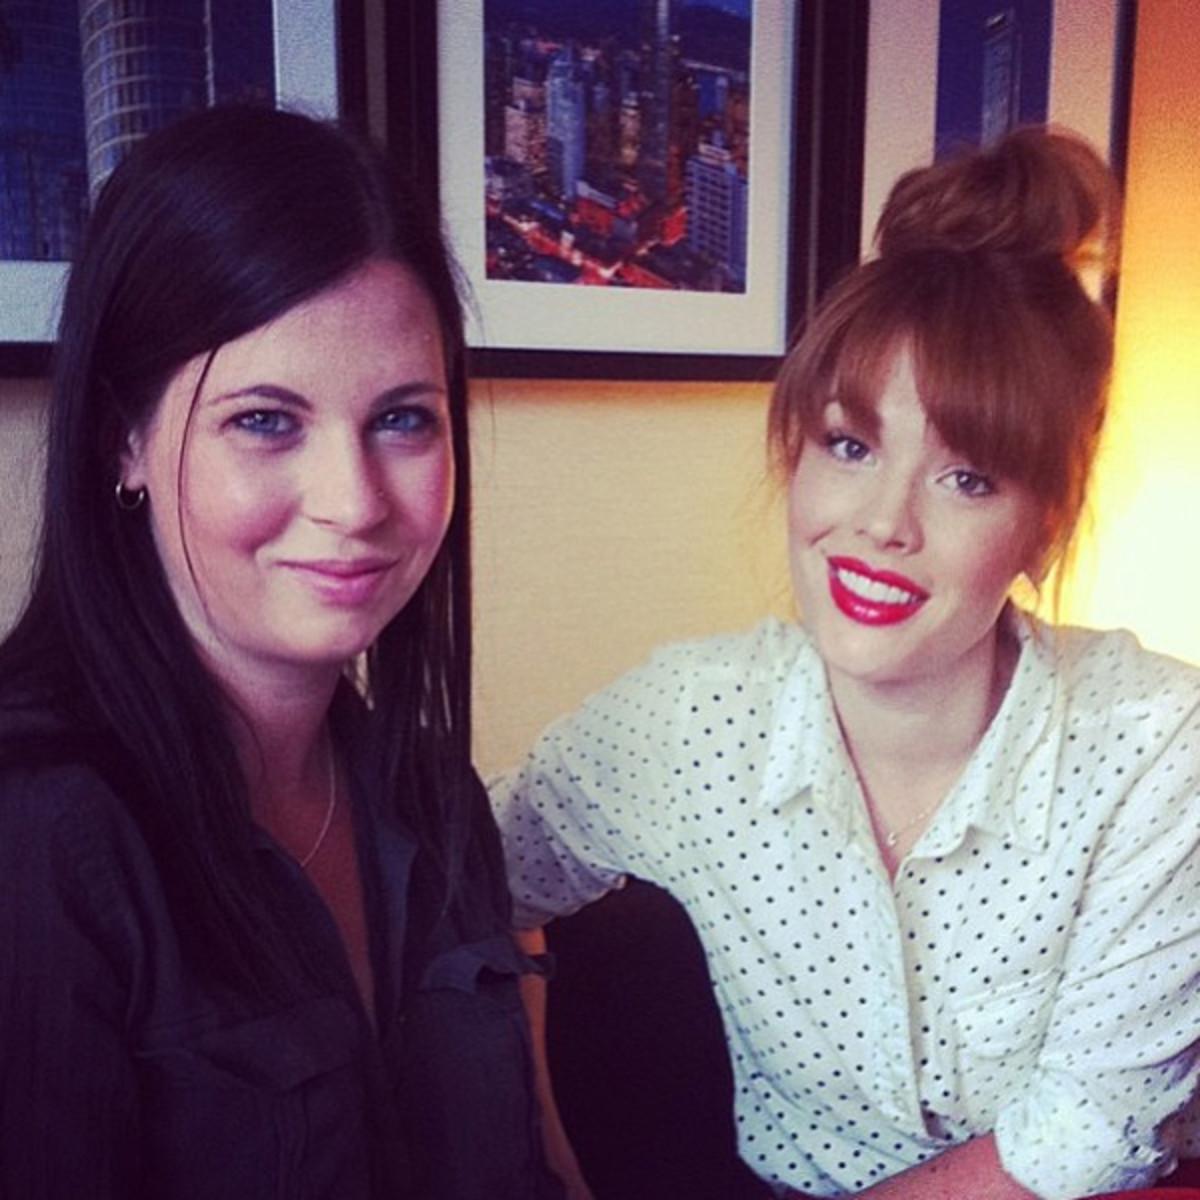 Lauren Andersen makeup artist - Toronto, 2013